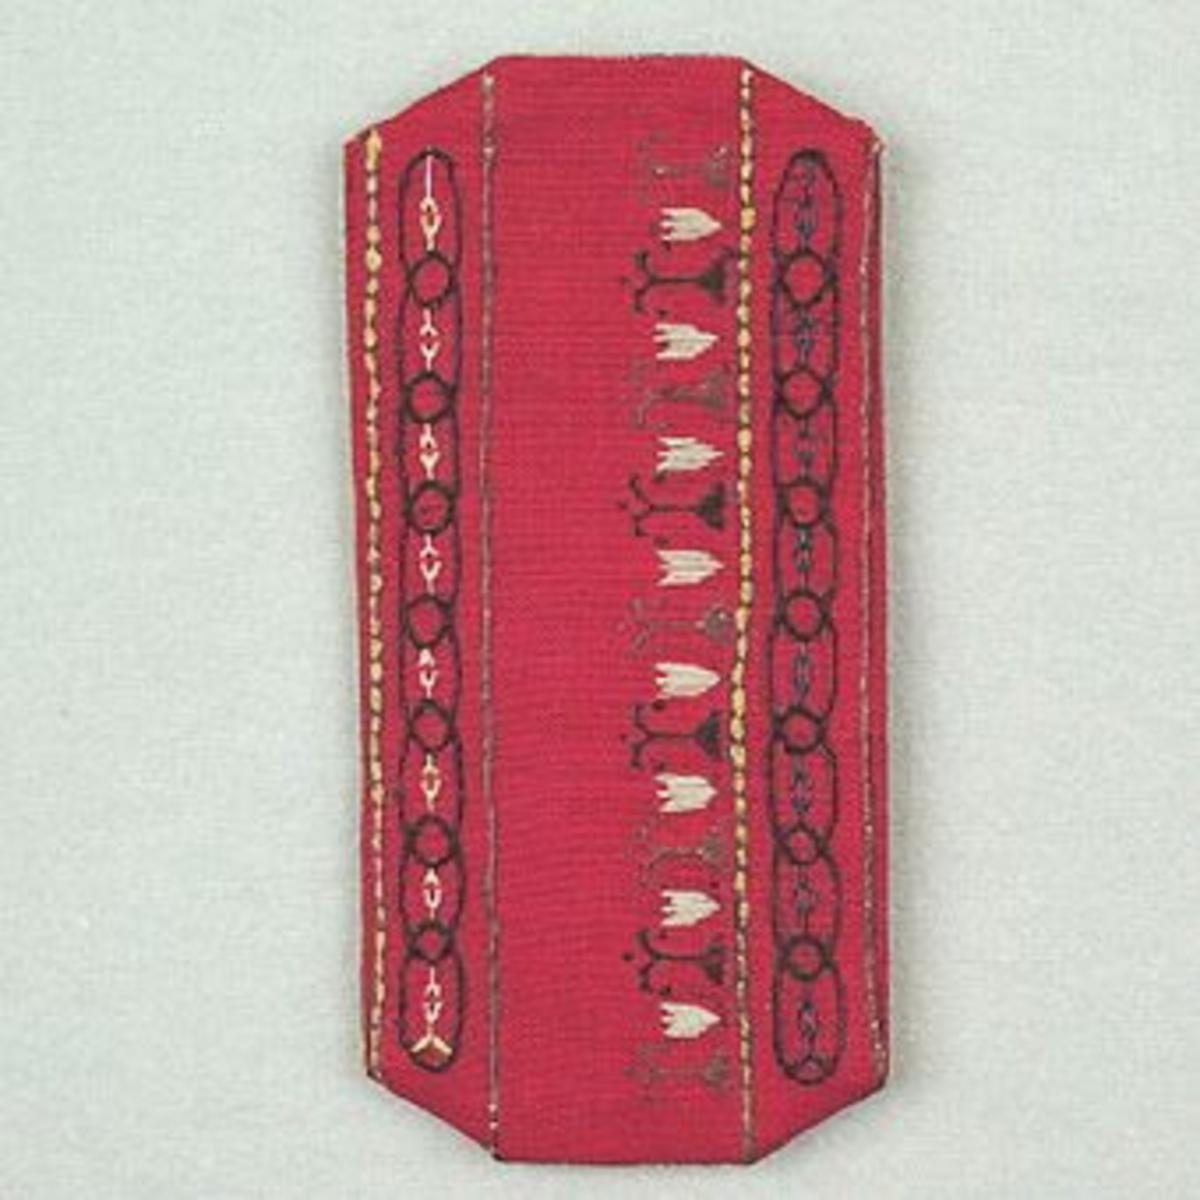 """Ett glasögonfodral i rött linne, Ölandslinne, med broderi i brunt, blått, grönt och vitt. Brodergarn lingarn och knyppeltråd. Etikett med prisuppgift  och texten """"Sylön ? x dd"""" finns fastsydd på  fodralet. Färdigt fodral 12 kr och material 4,50 kronor.Glasögonfodralet har SHR:s pappersetikett från Kronobergs Läns Hemslöjdsförening Växjö, med påskrivet nummer: """"1422"""", fästad vid sig."""